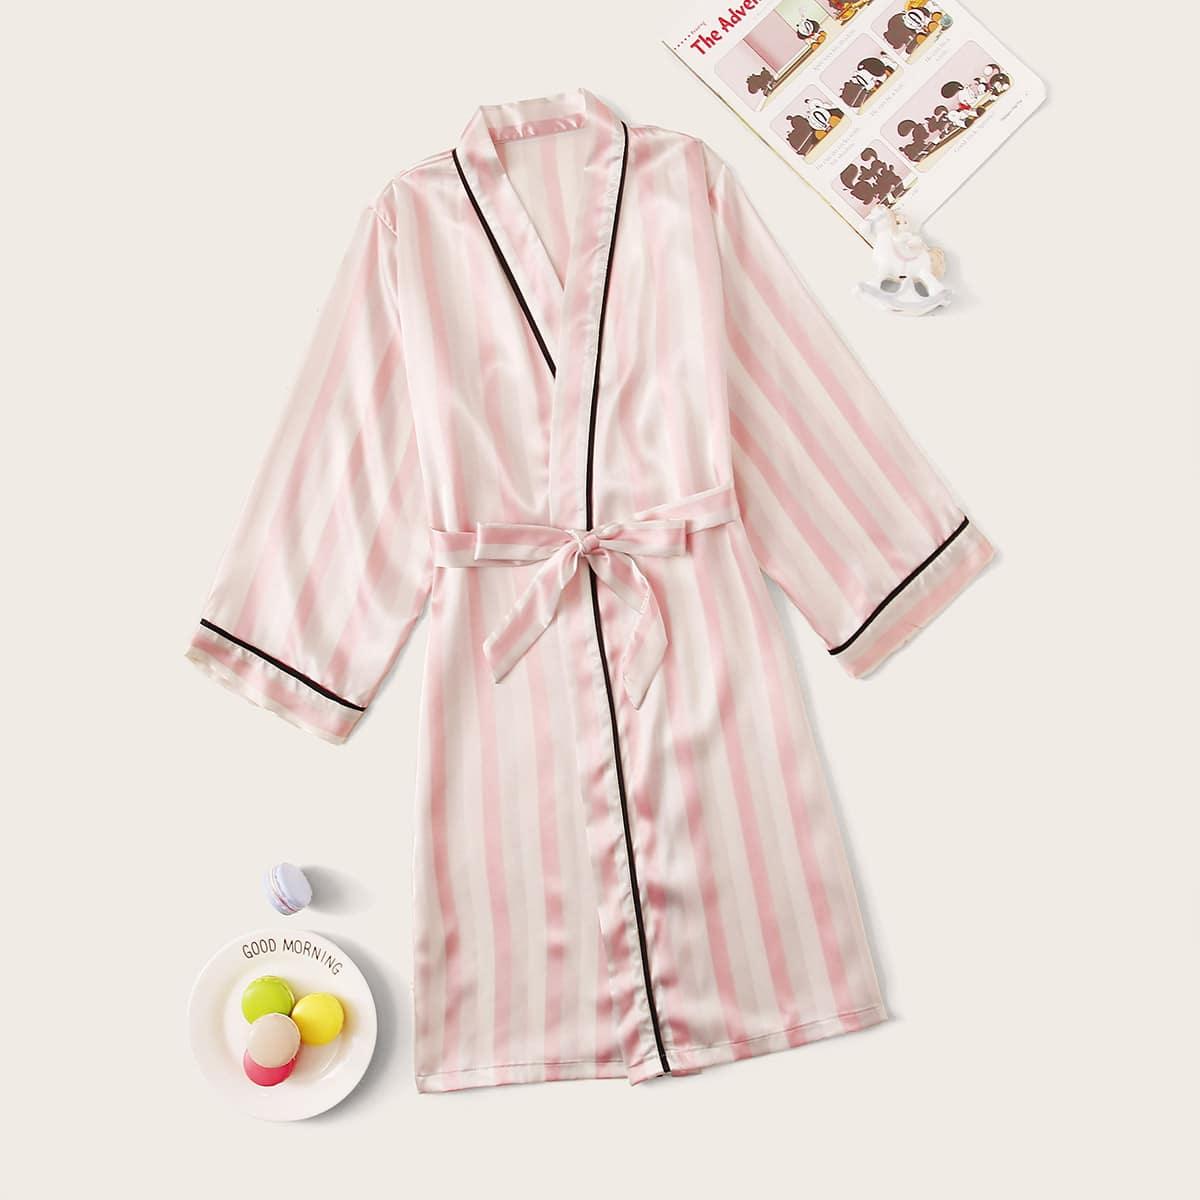 Полосатый атласный халат с поясом для девочек от SHEIN